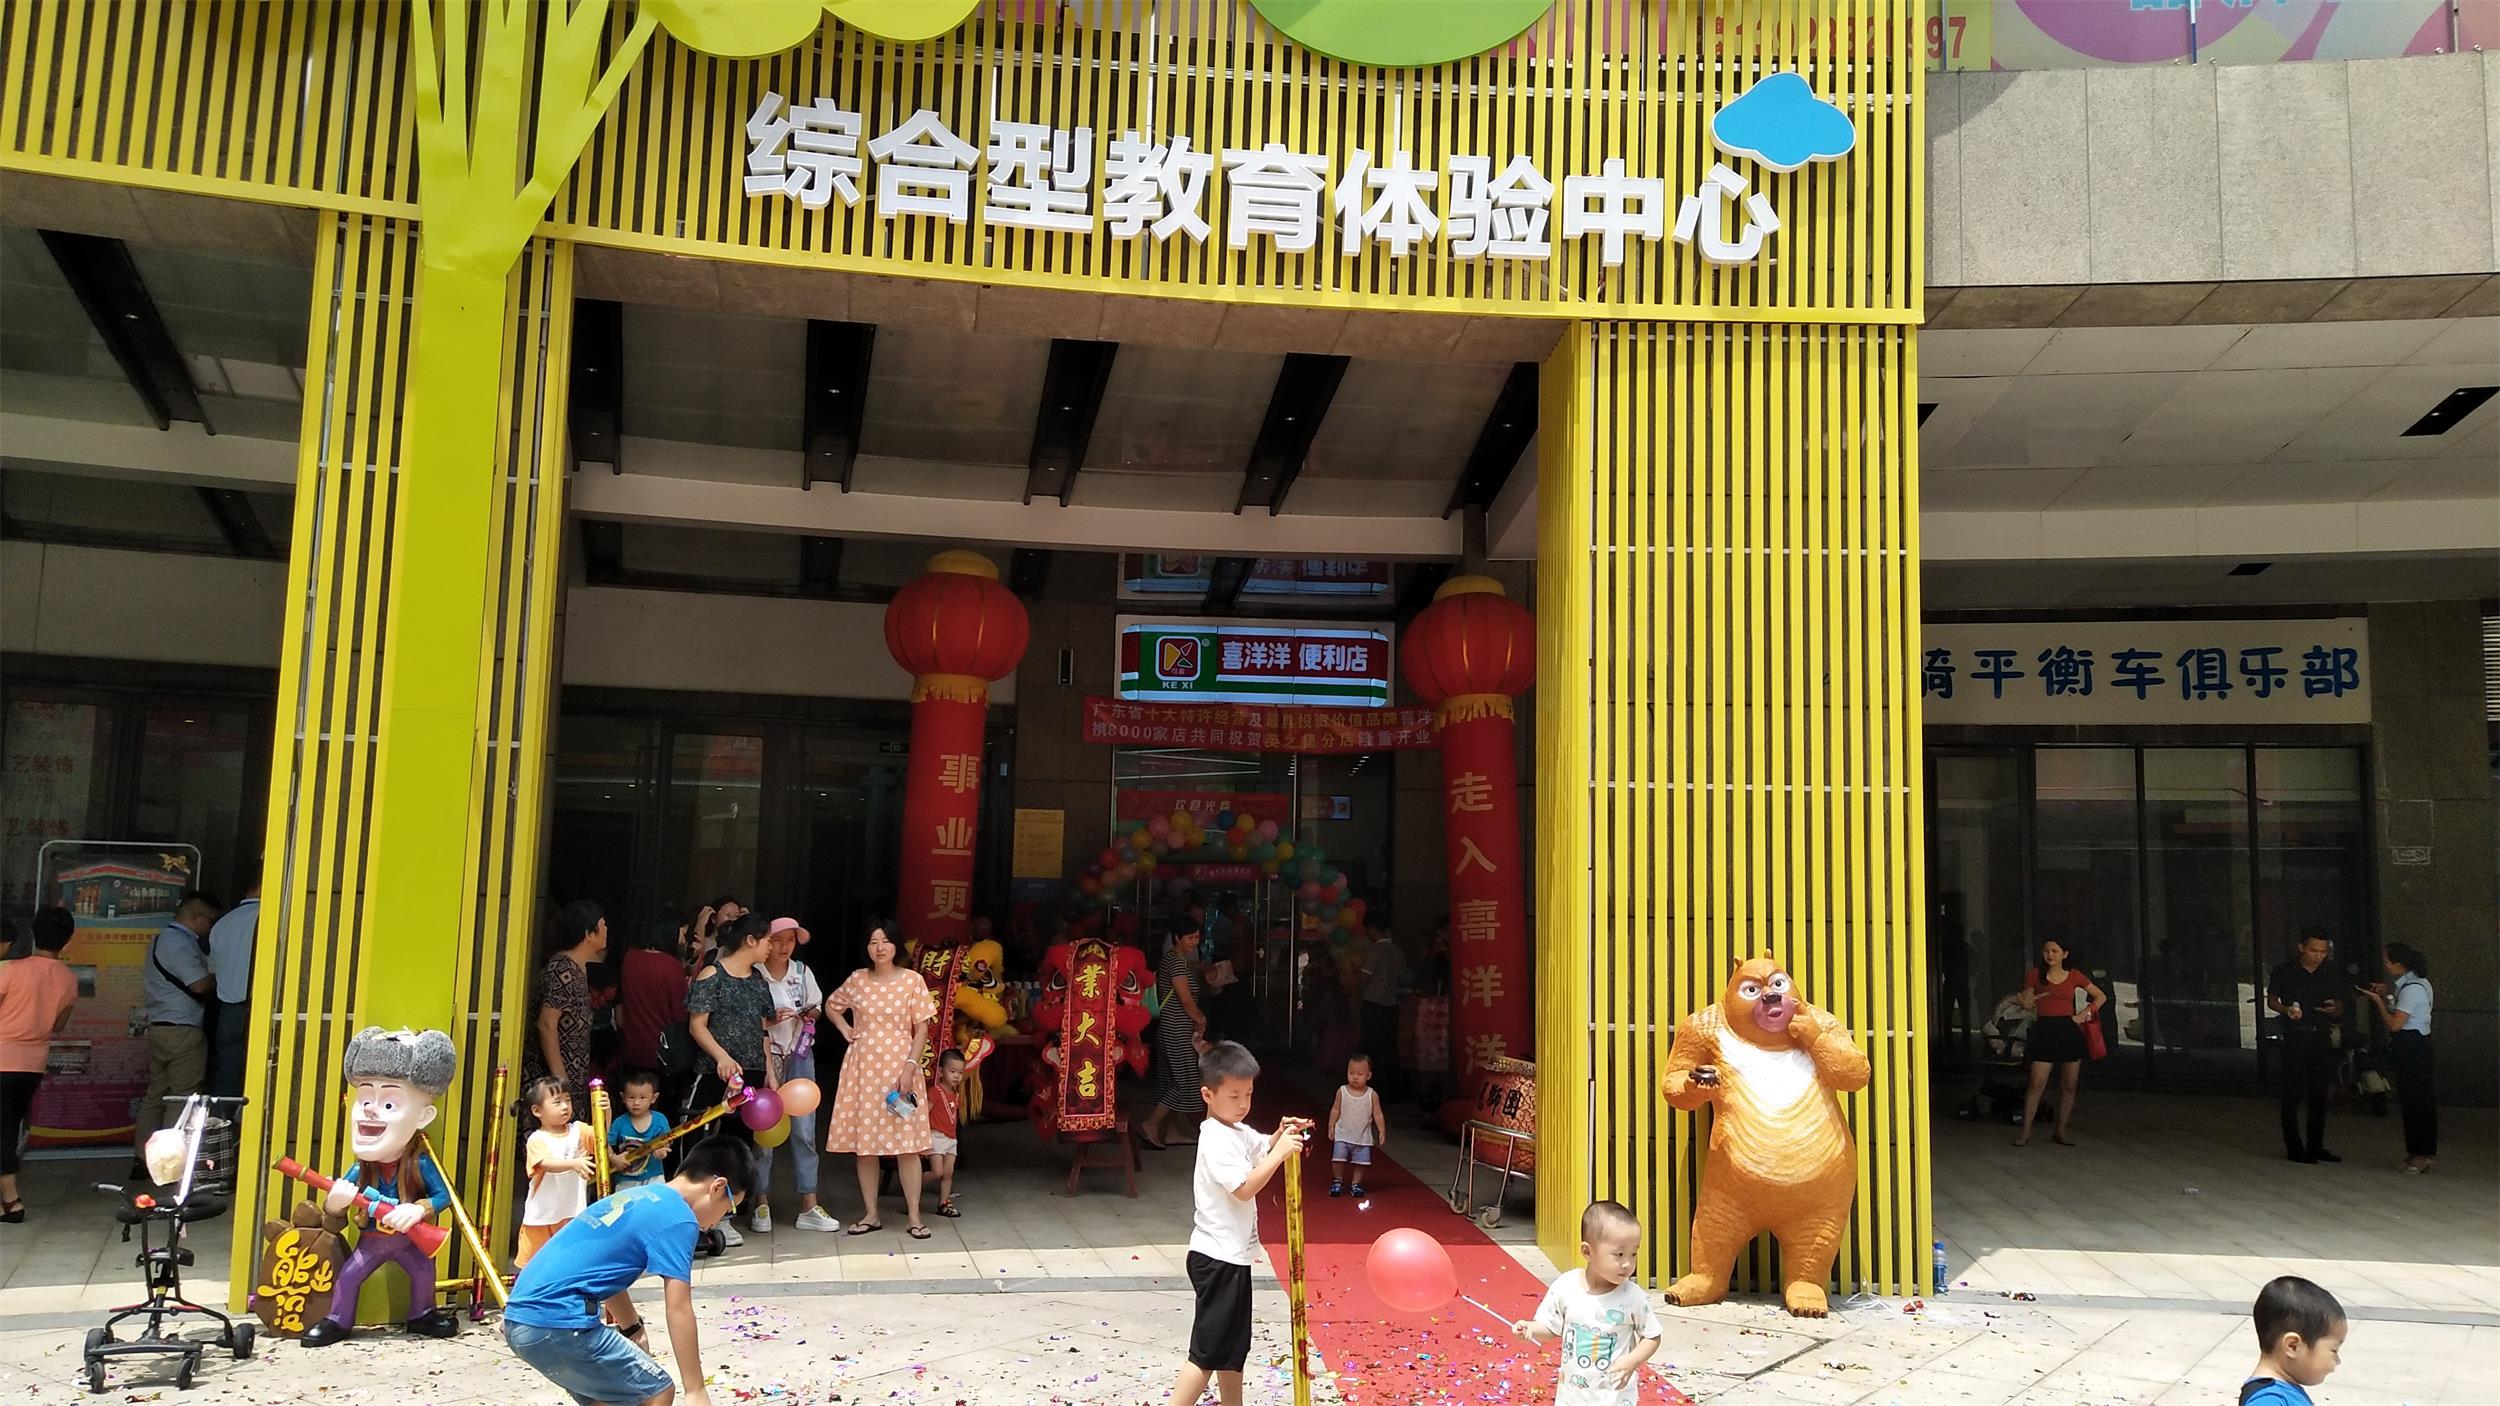 喜洋洋便利店全体同仁祝贺英之皇分店8月22日开业大吉